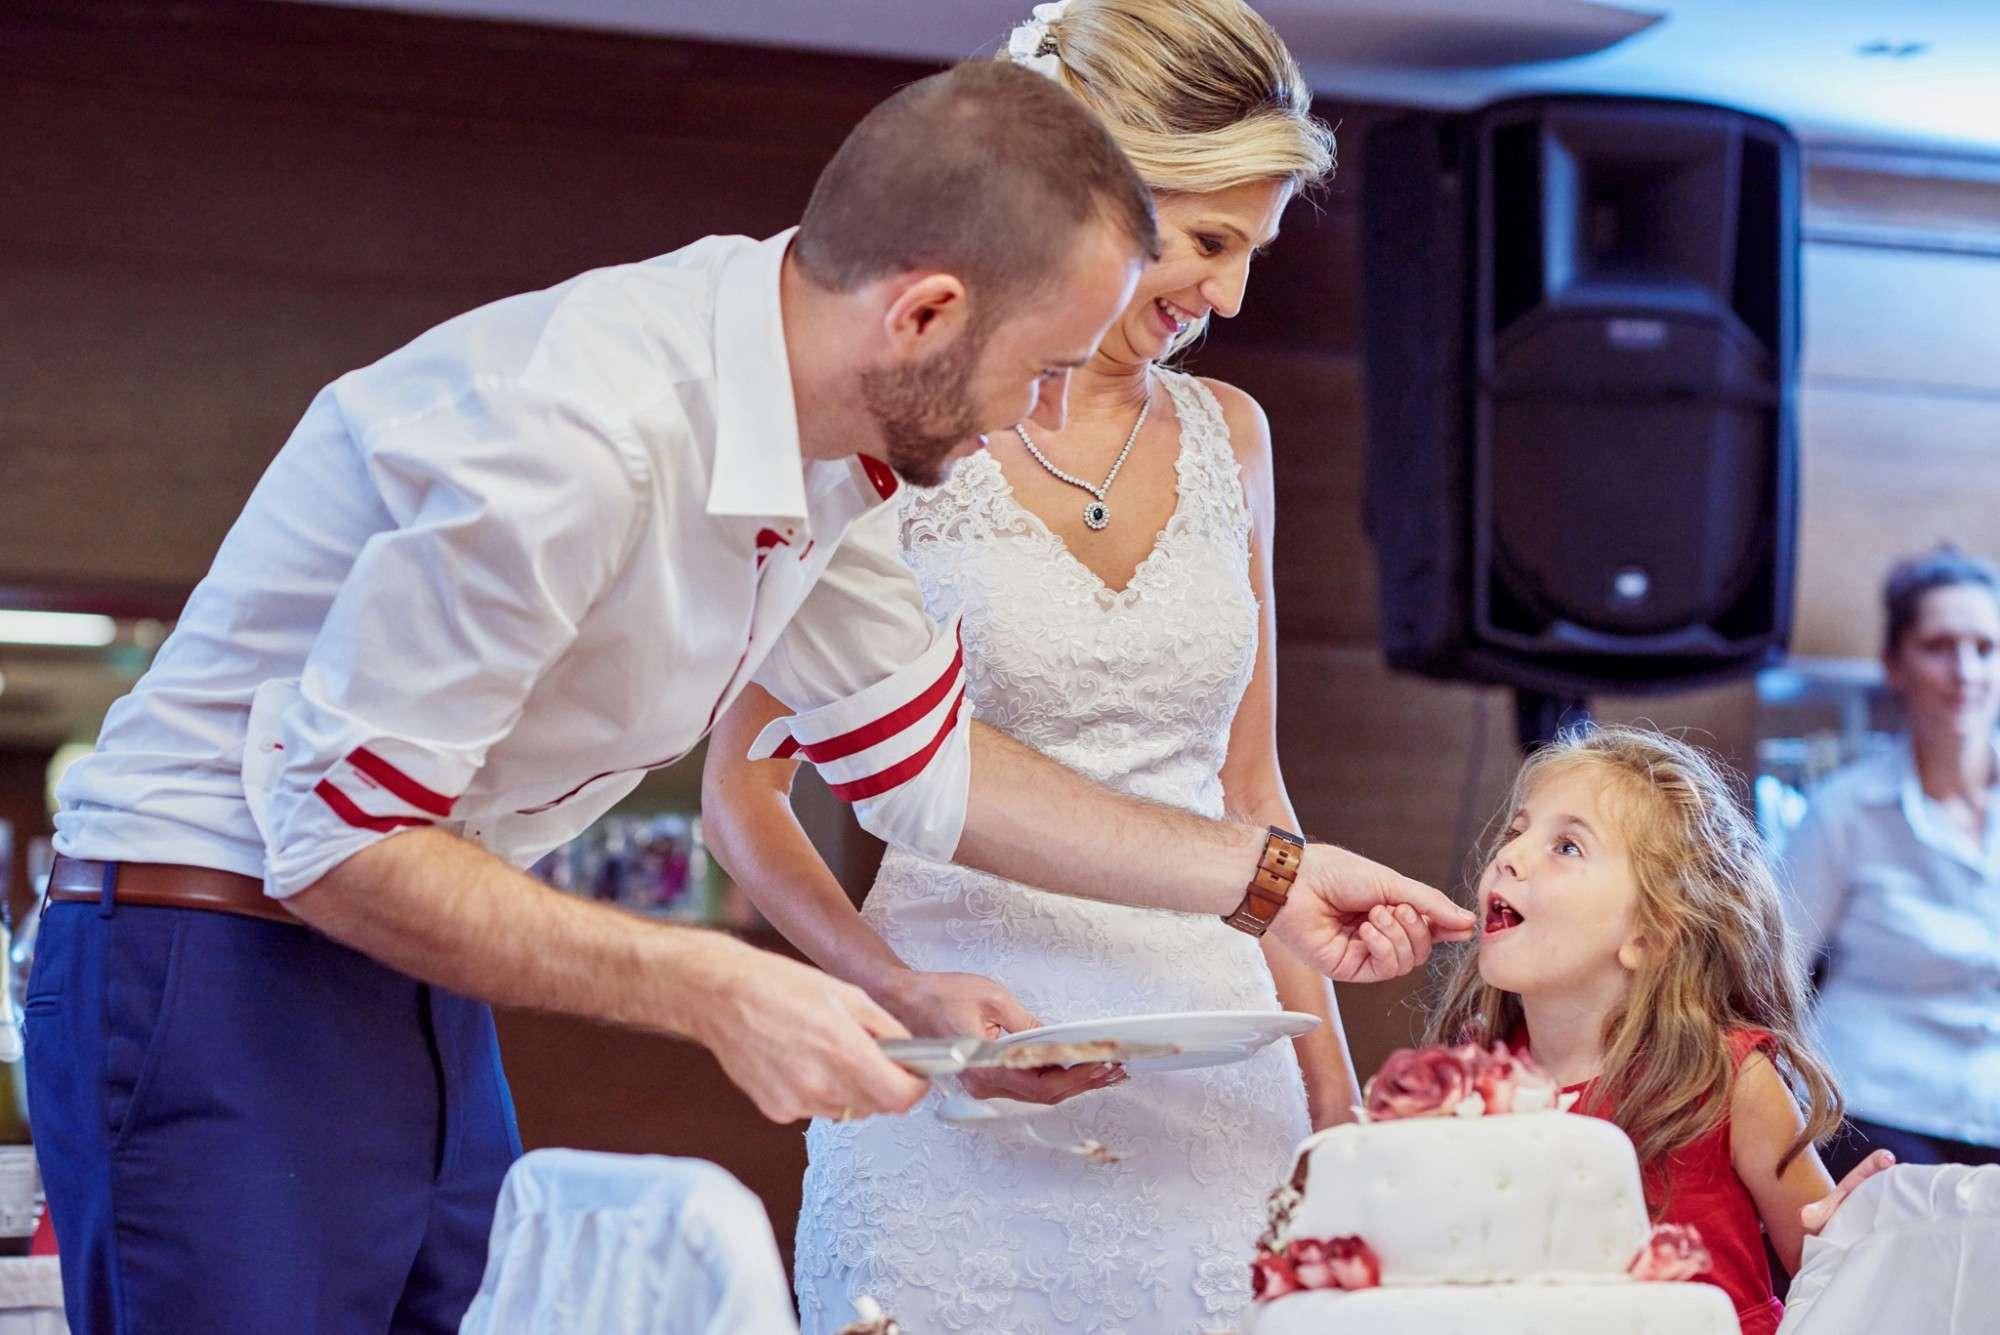 - A person cutting a cake - Kodak Photo